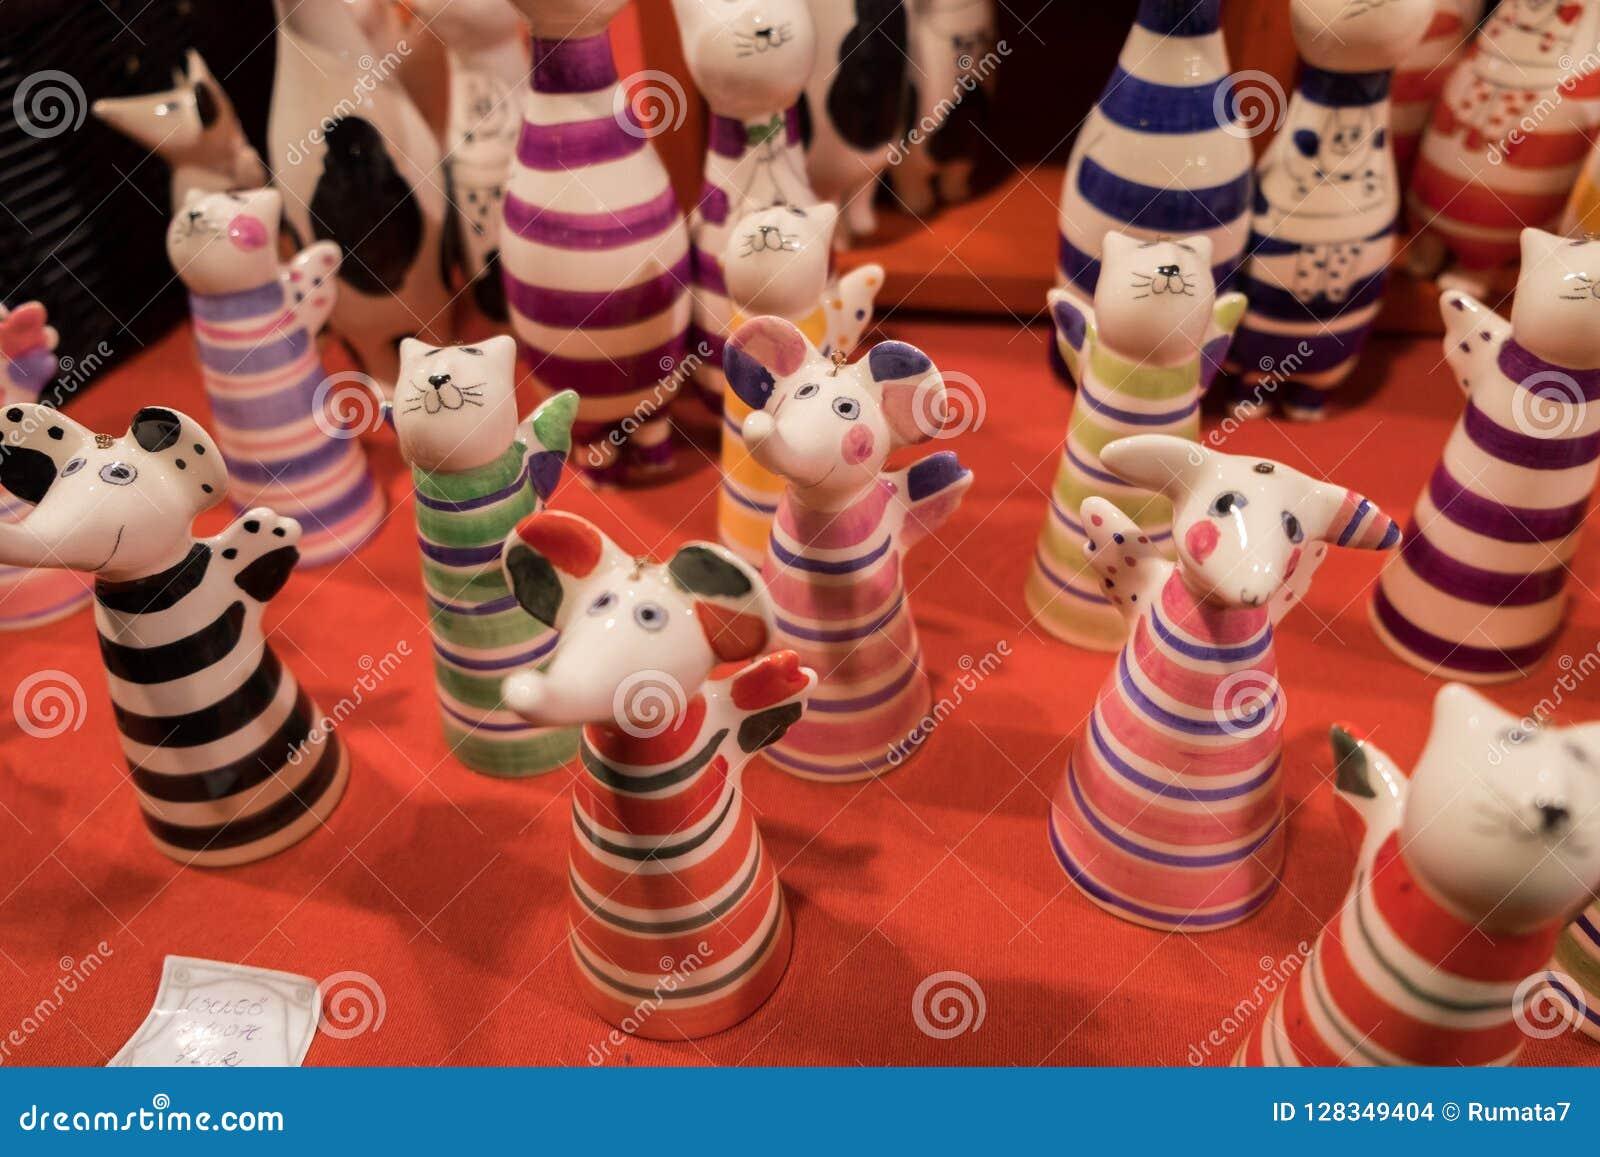 滑稽的陶瓷猫和mouses小雕象待售